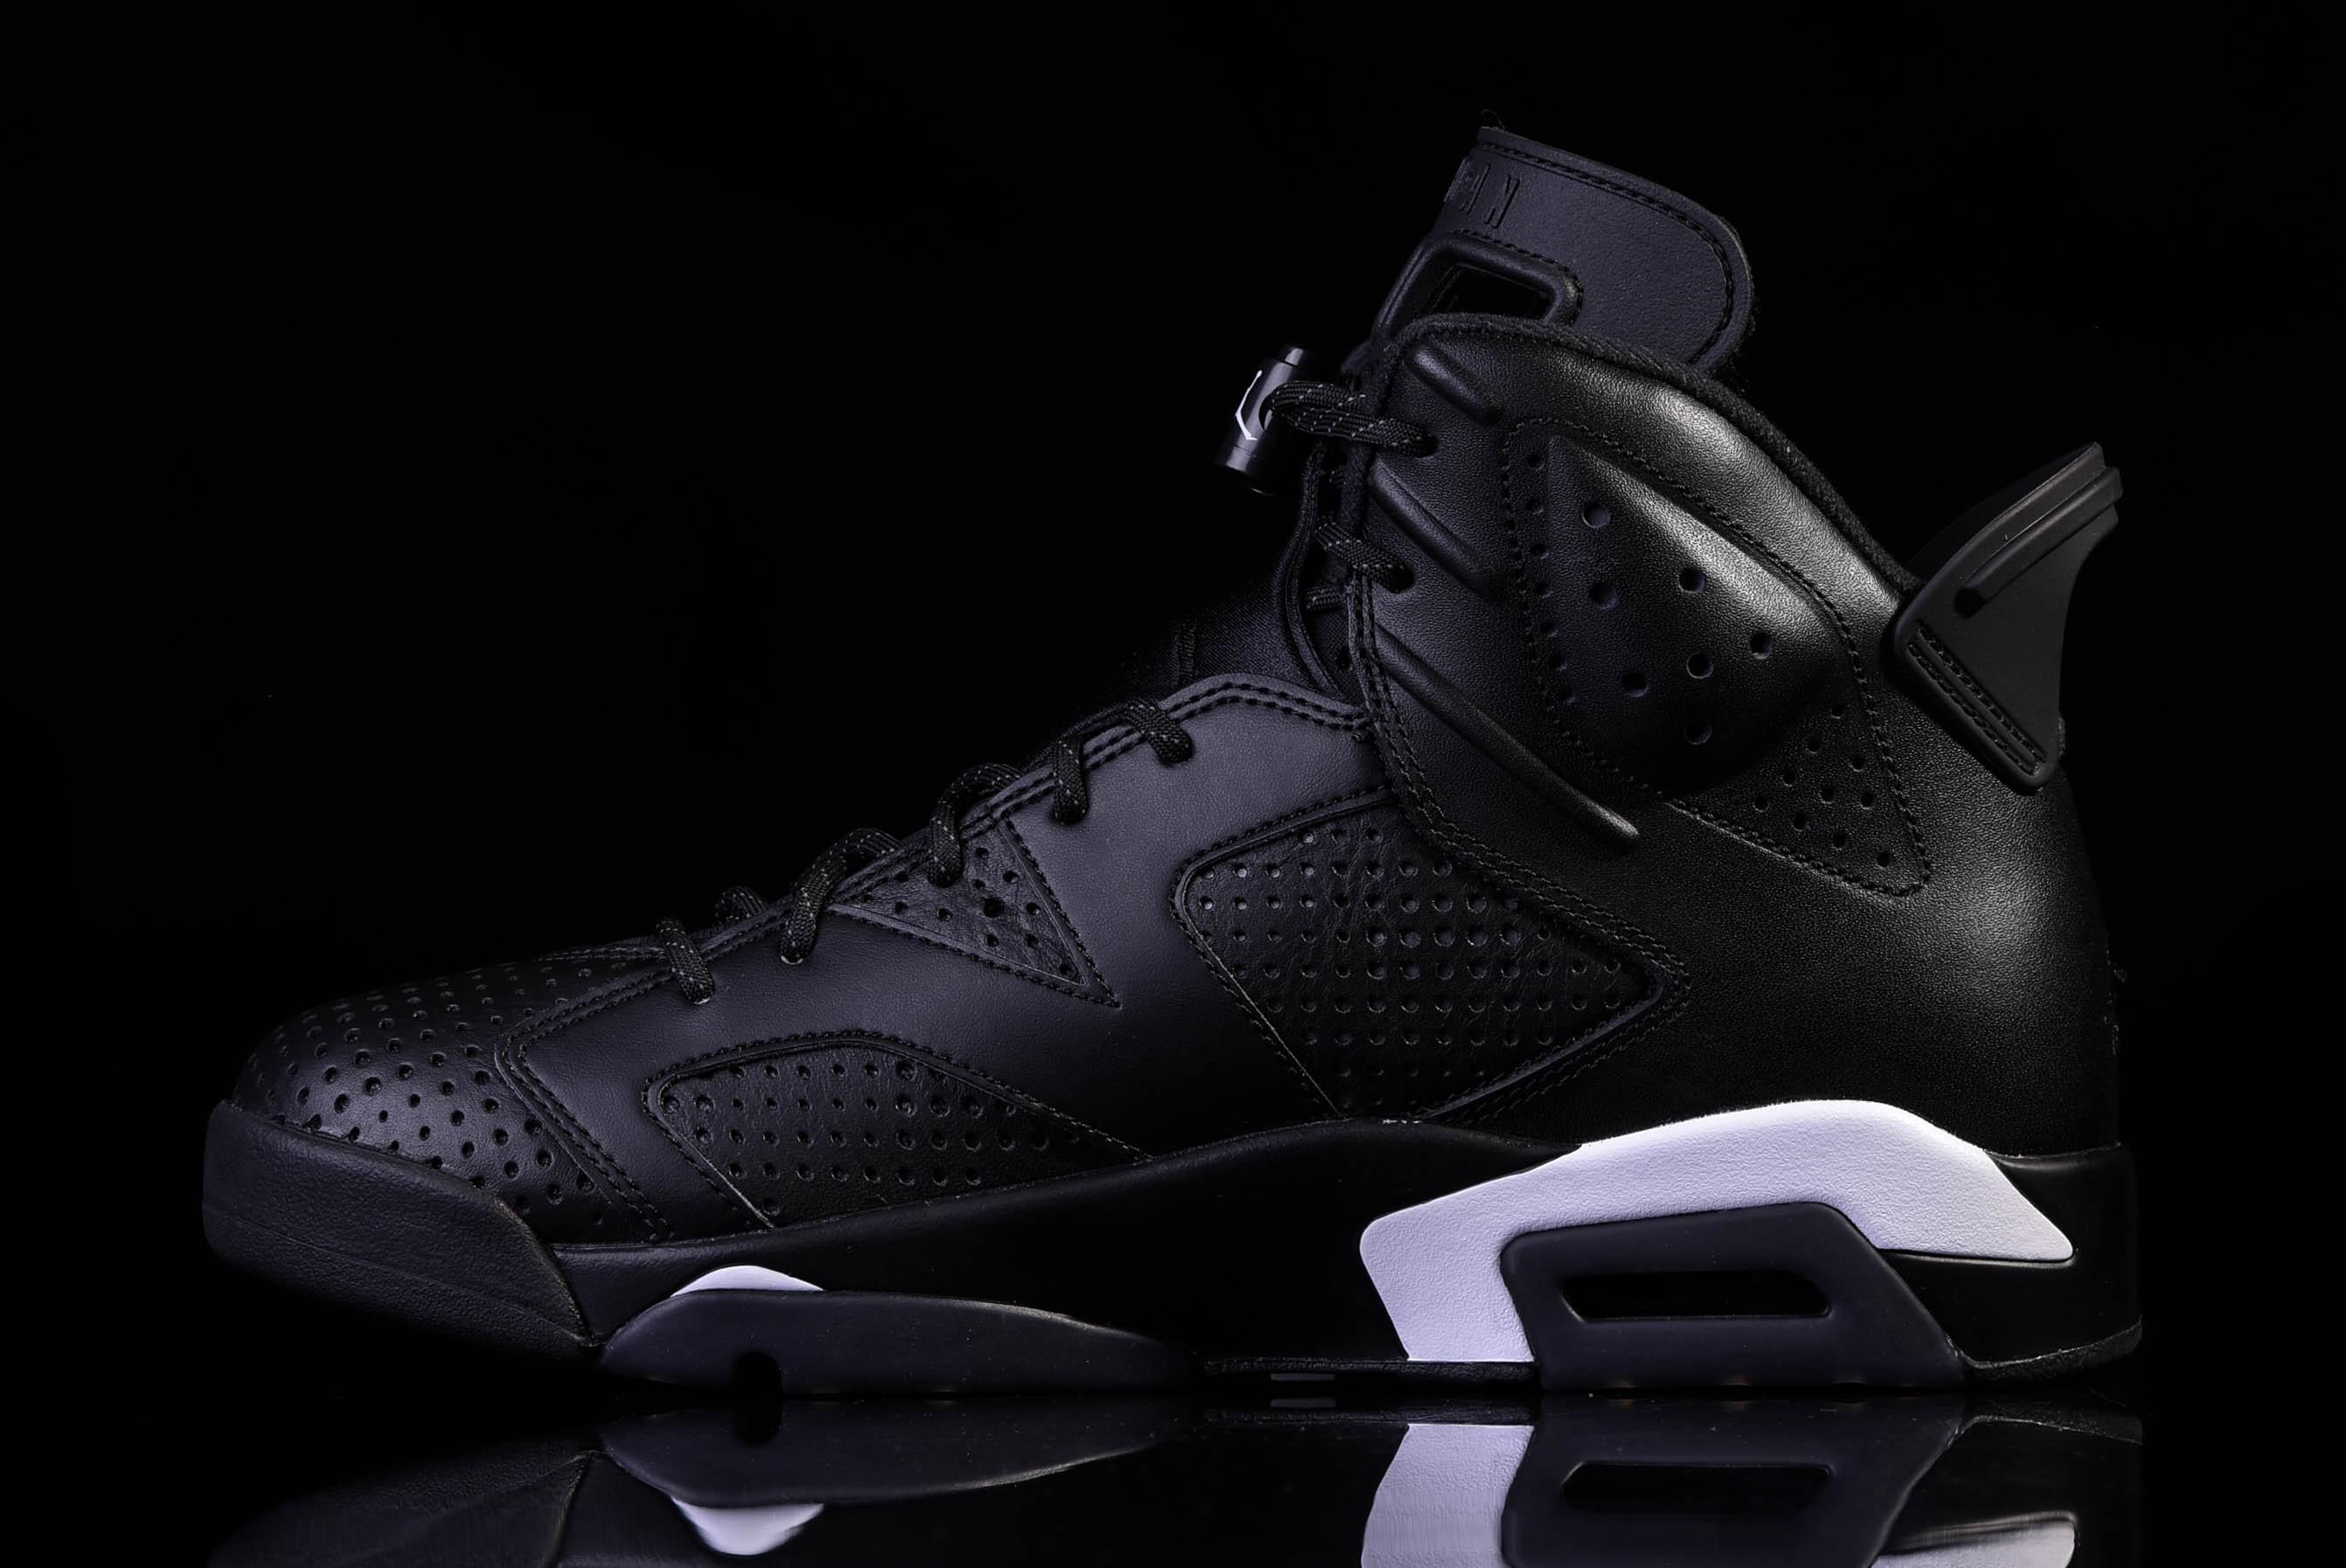 Air Jordan 3 Retro Black Cat Black Dark Charcoal Black shoes